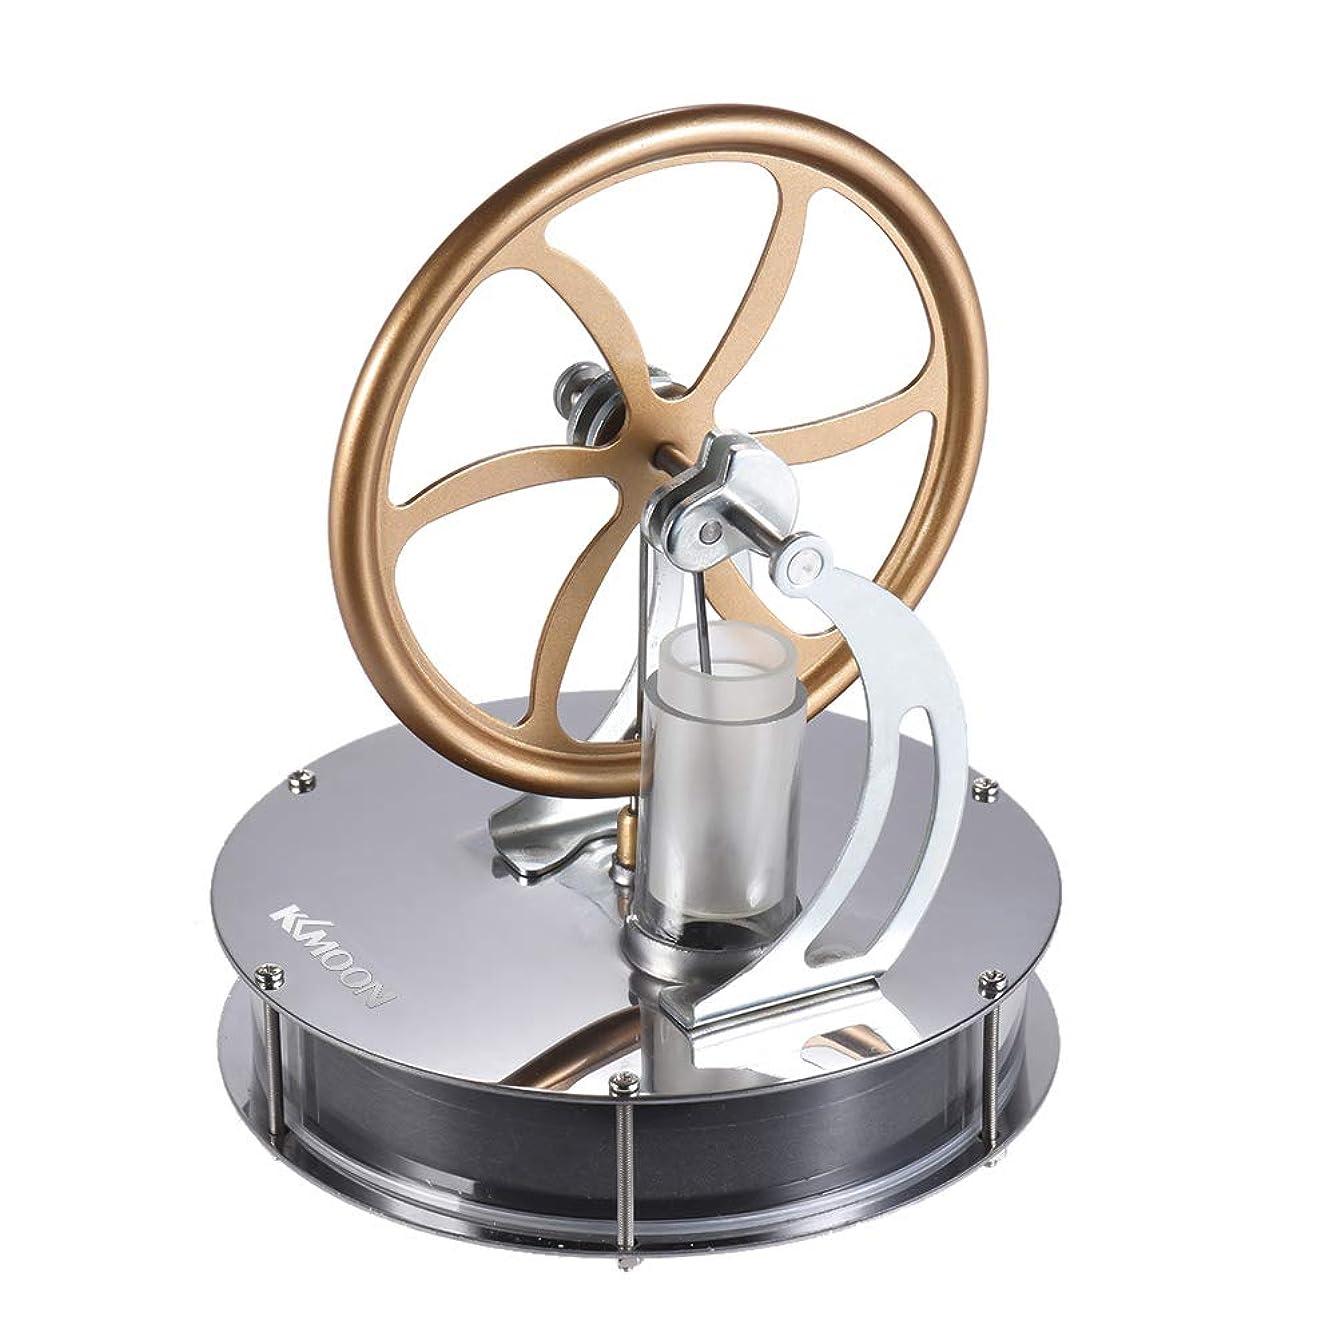 祝福下コンサルタントROEAM 低温スターリングエンジンモーターモデル熱蒸気教育玩具DIYキット 実験科学 物理実験 自由研究